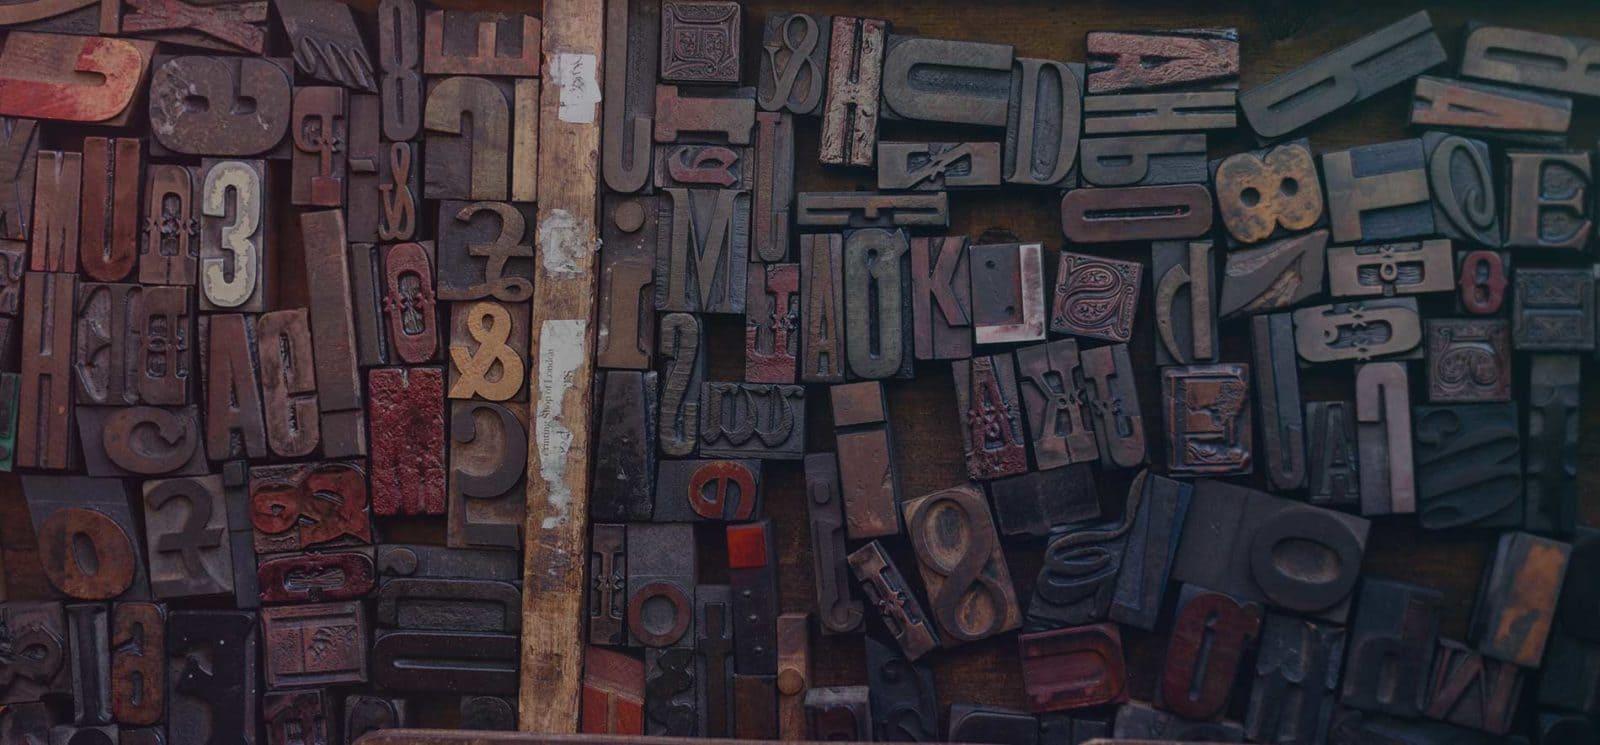 sozdanie-lettering-nadpisi-dlya-oformleniya